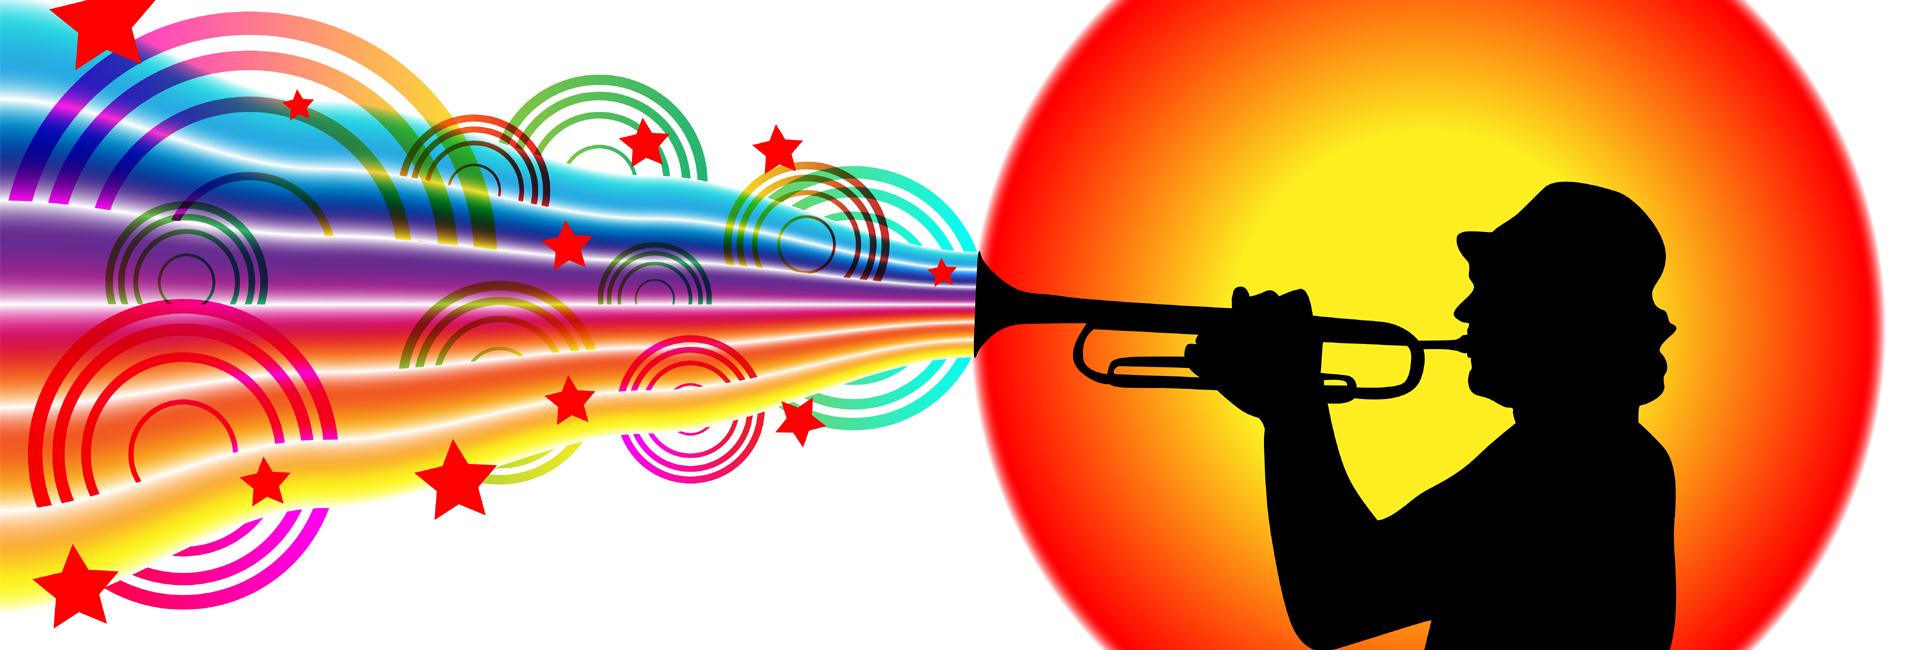 שגעון המוסיקה